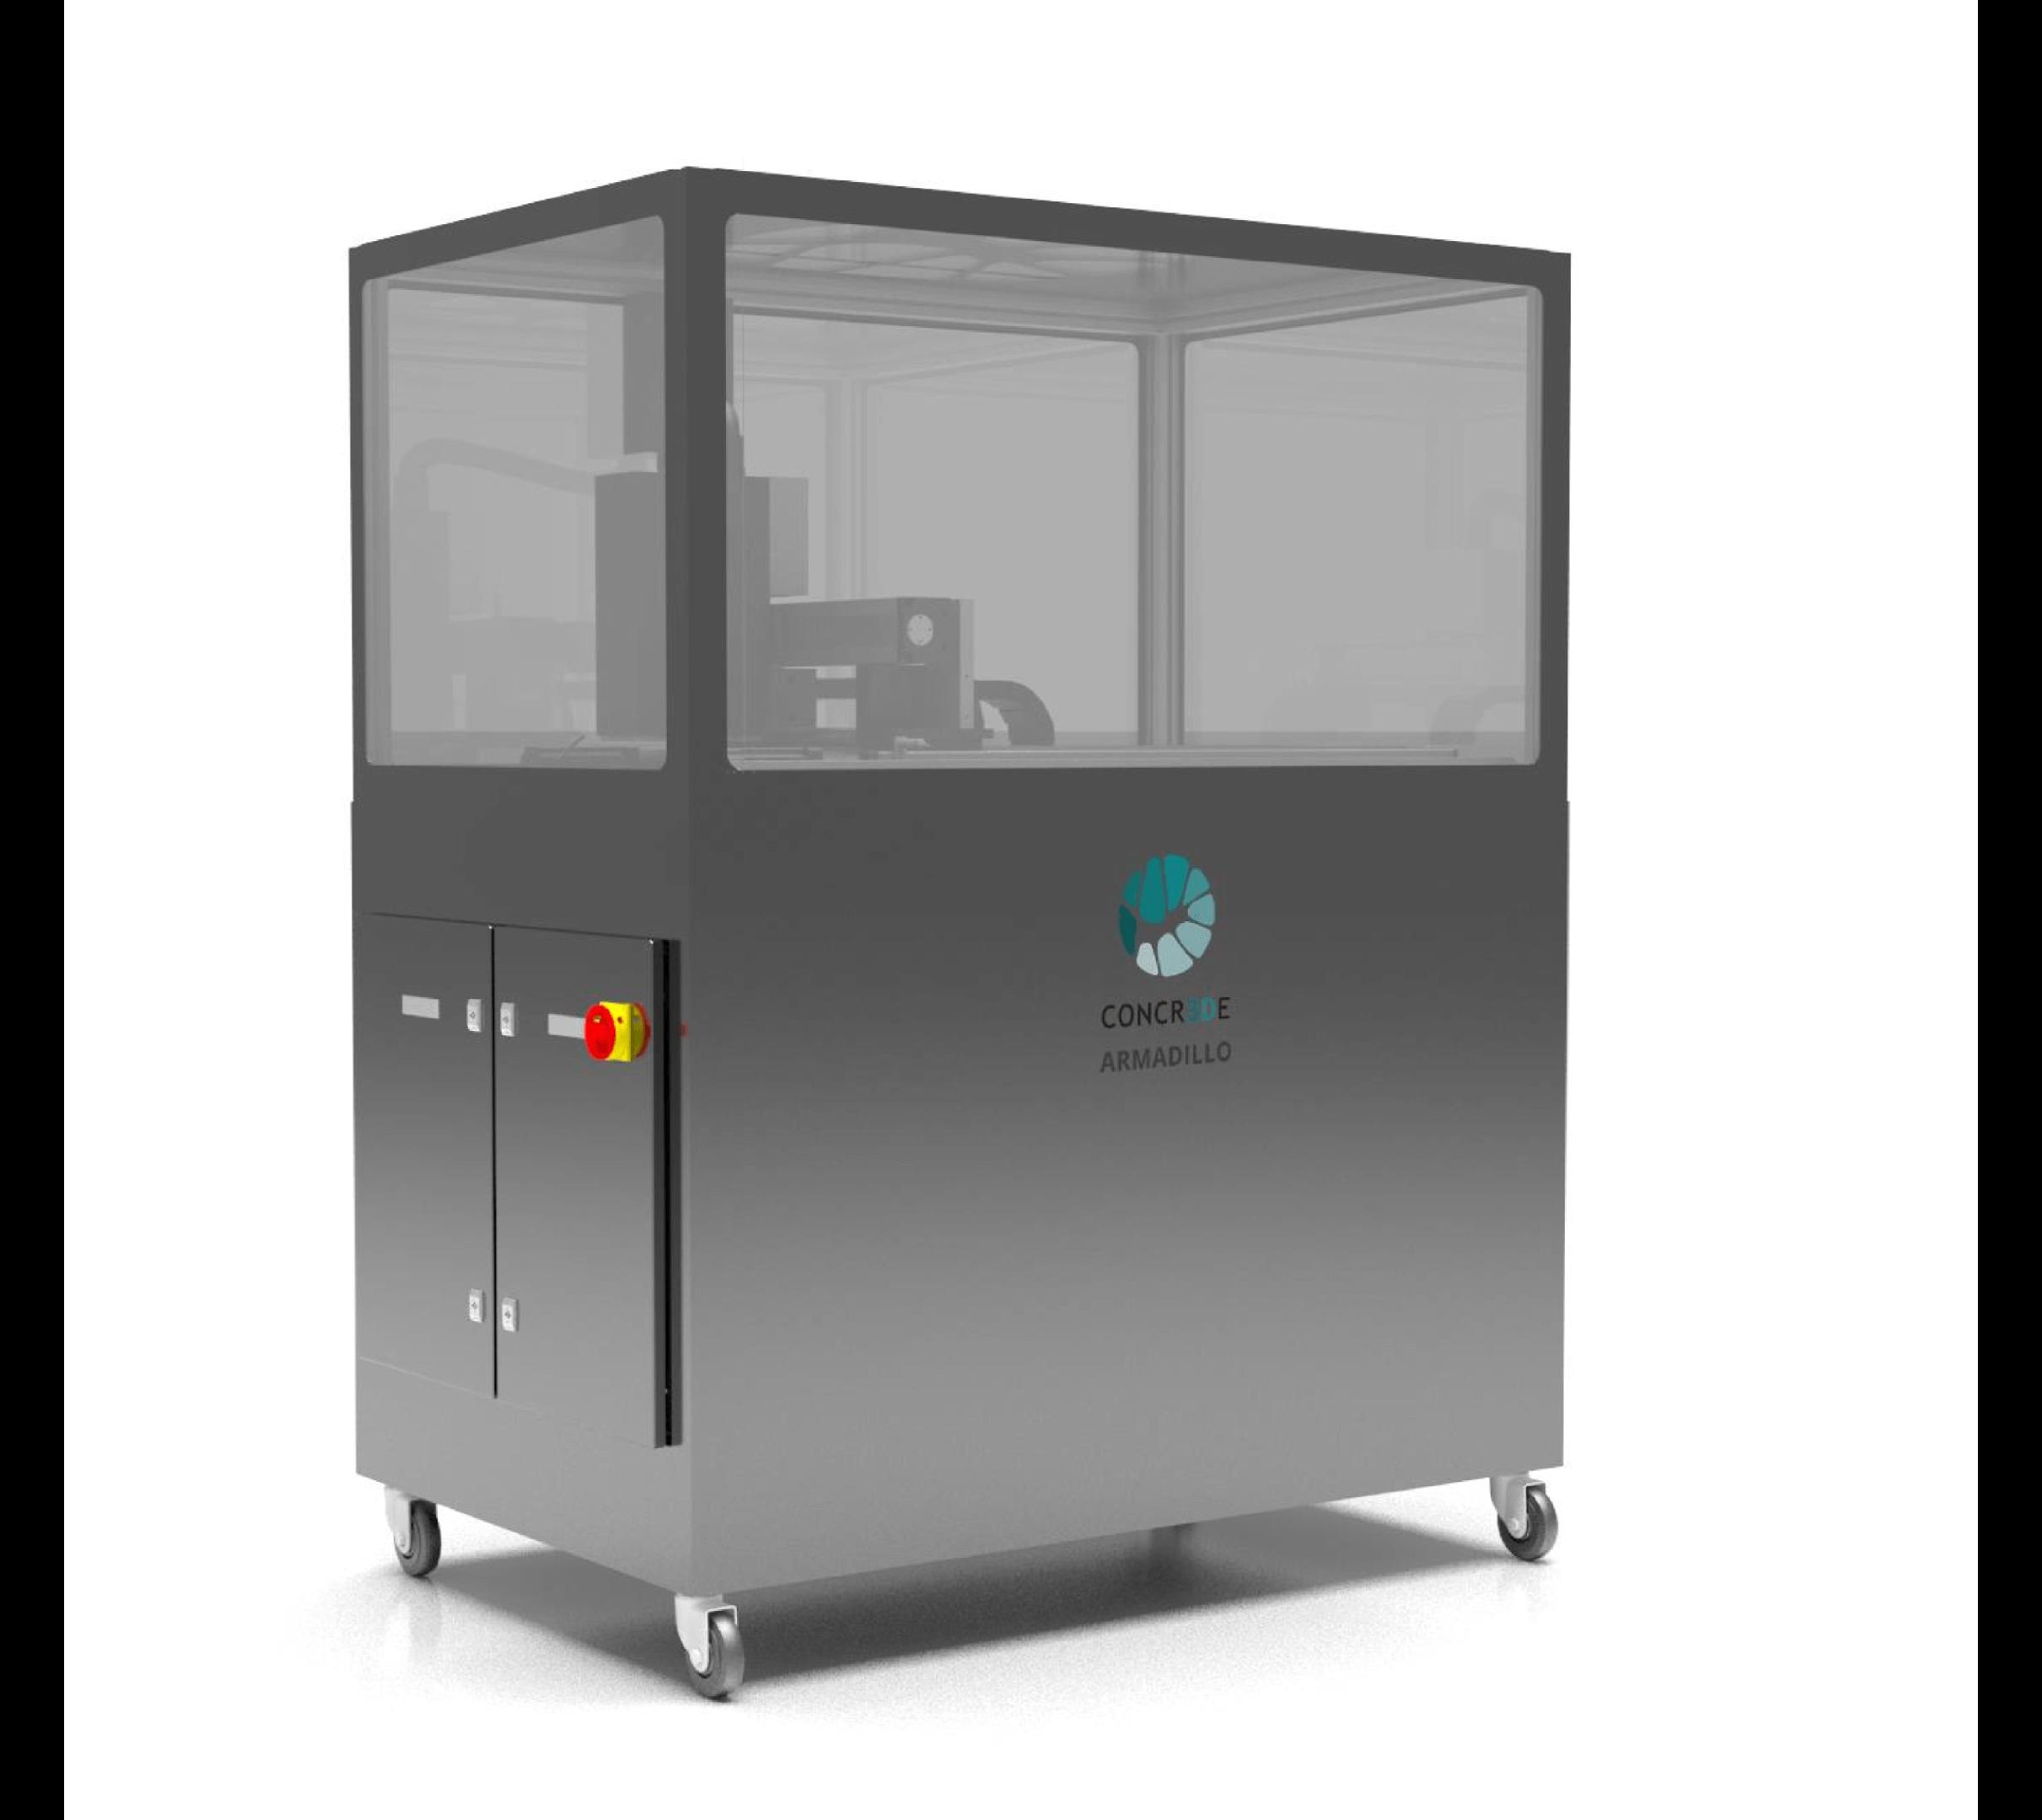 Stone 3D printer CONCR3DE Armadillo